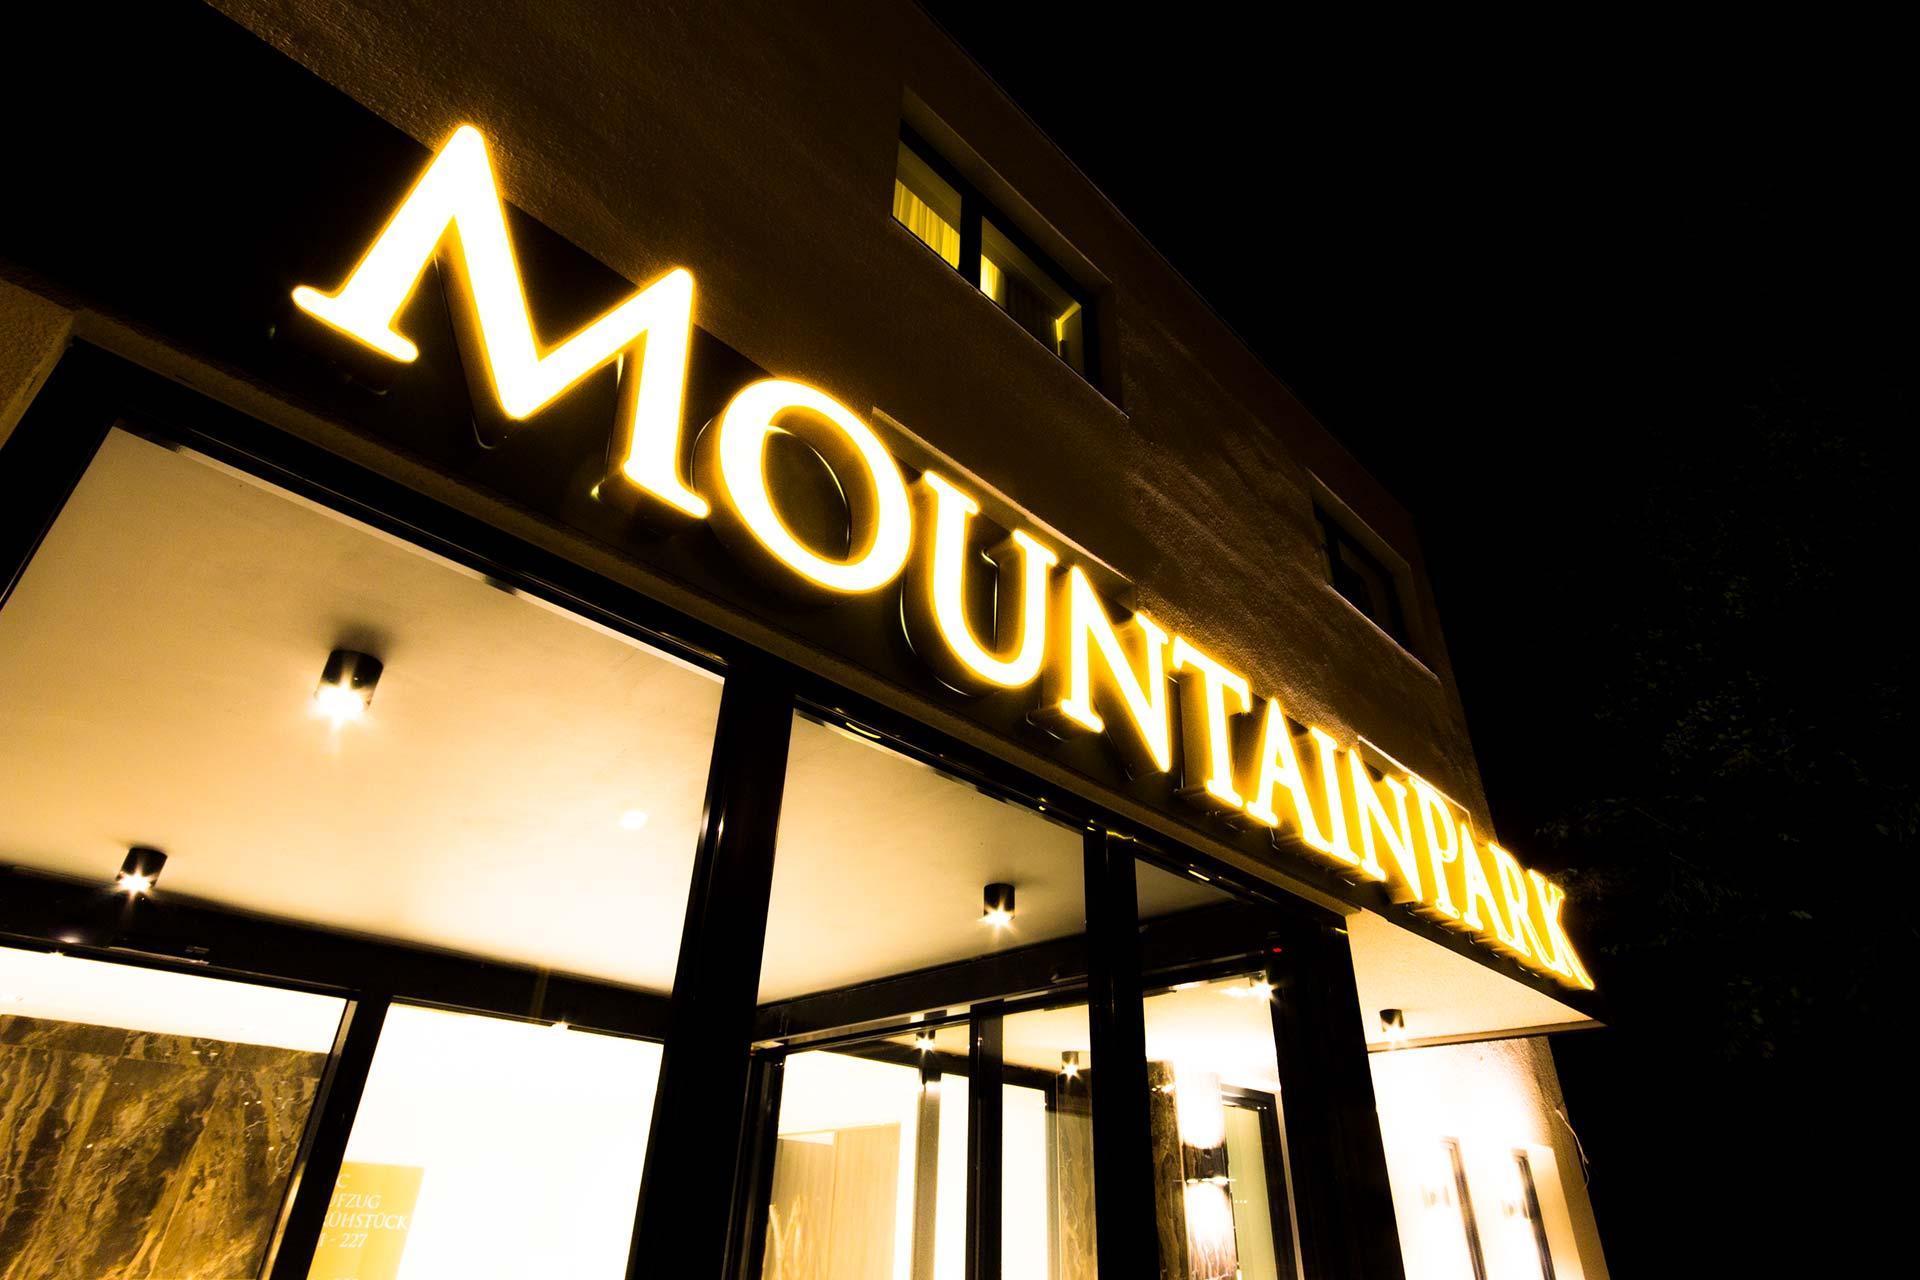 MountainPark Hotel Kassel